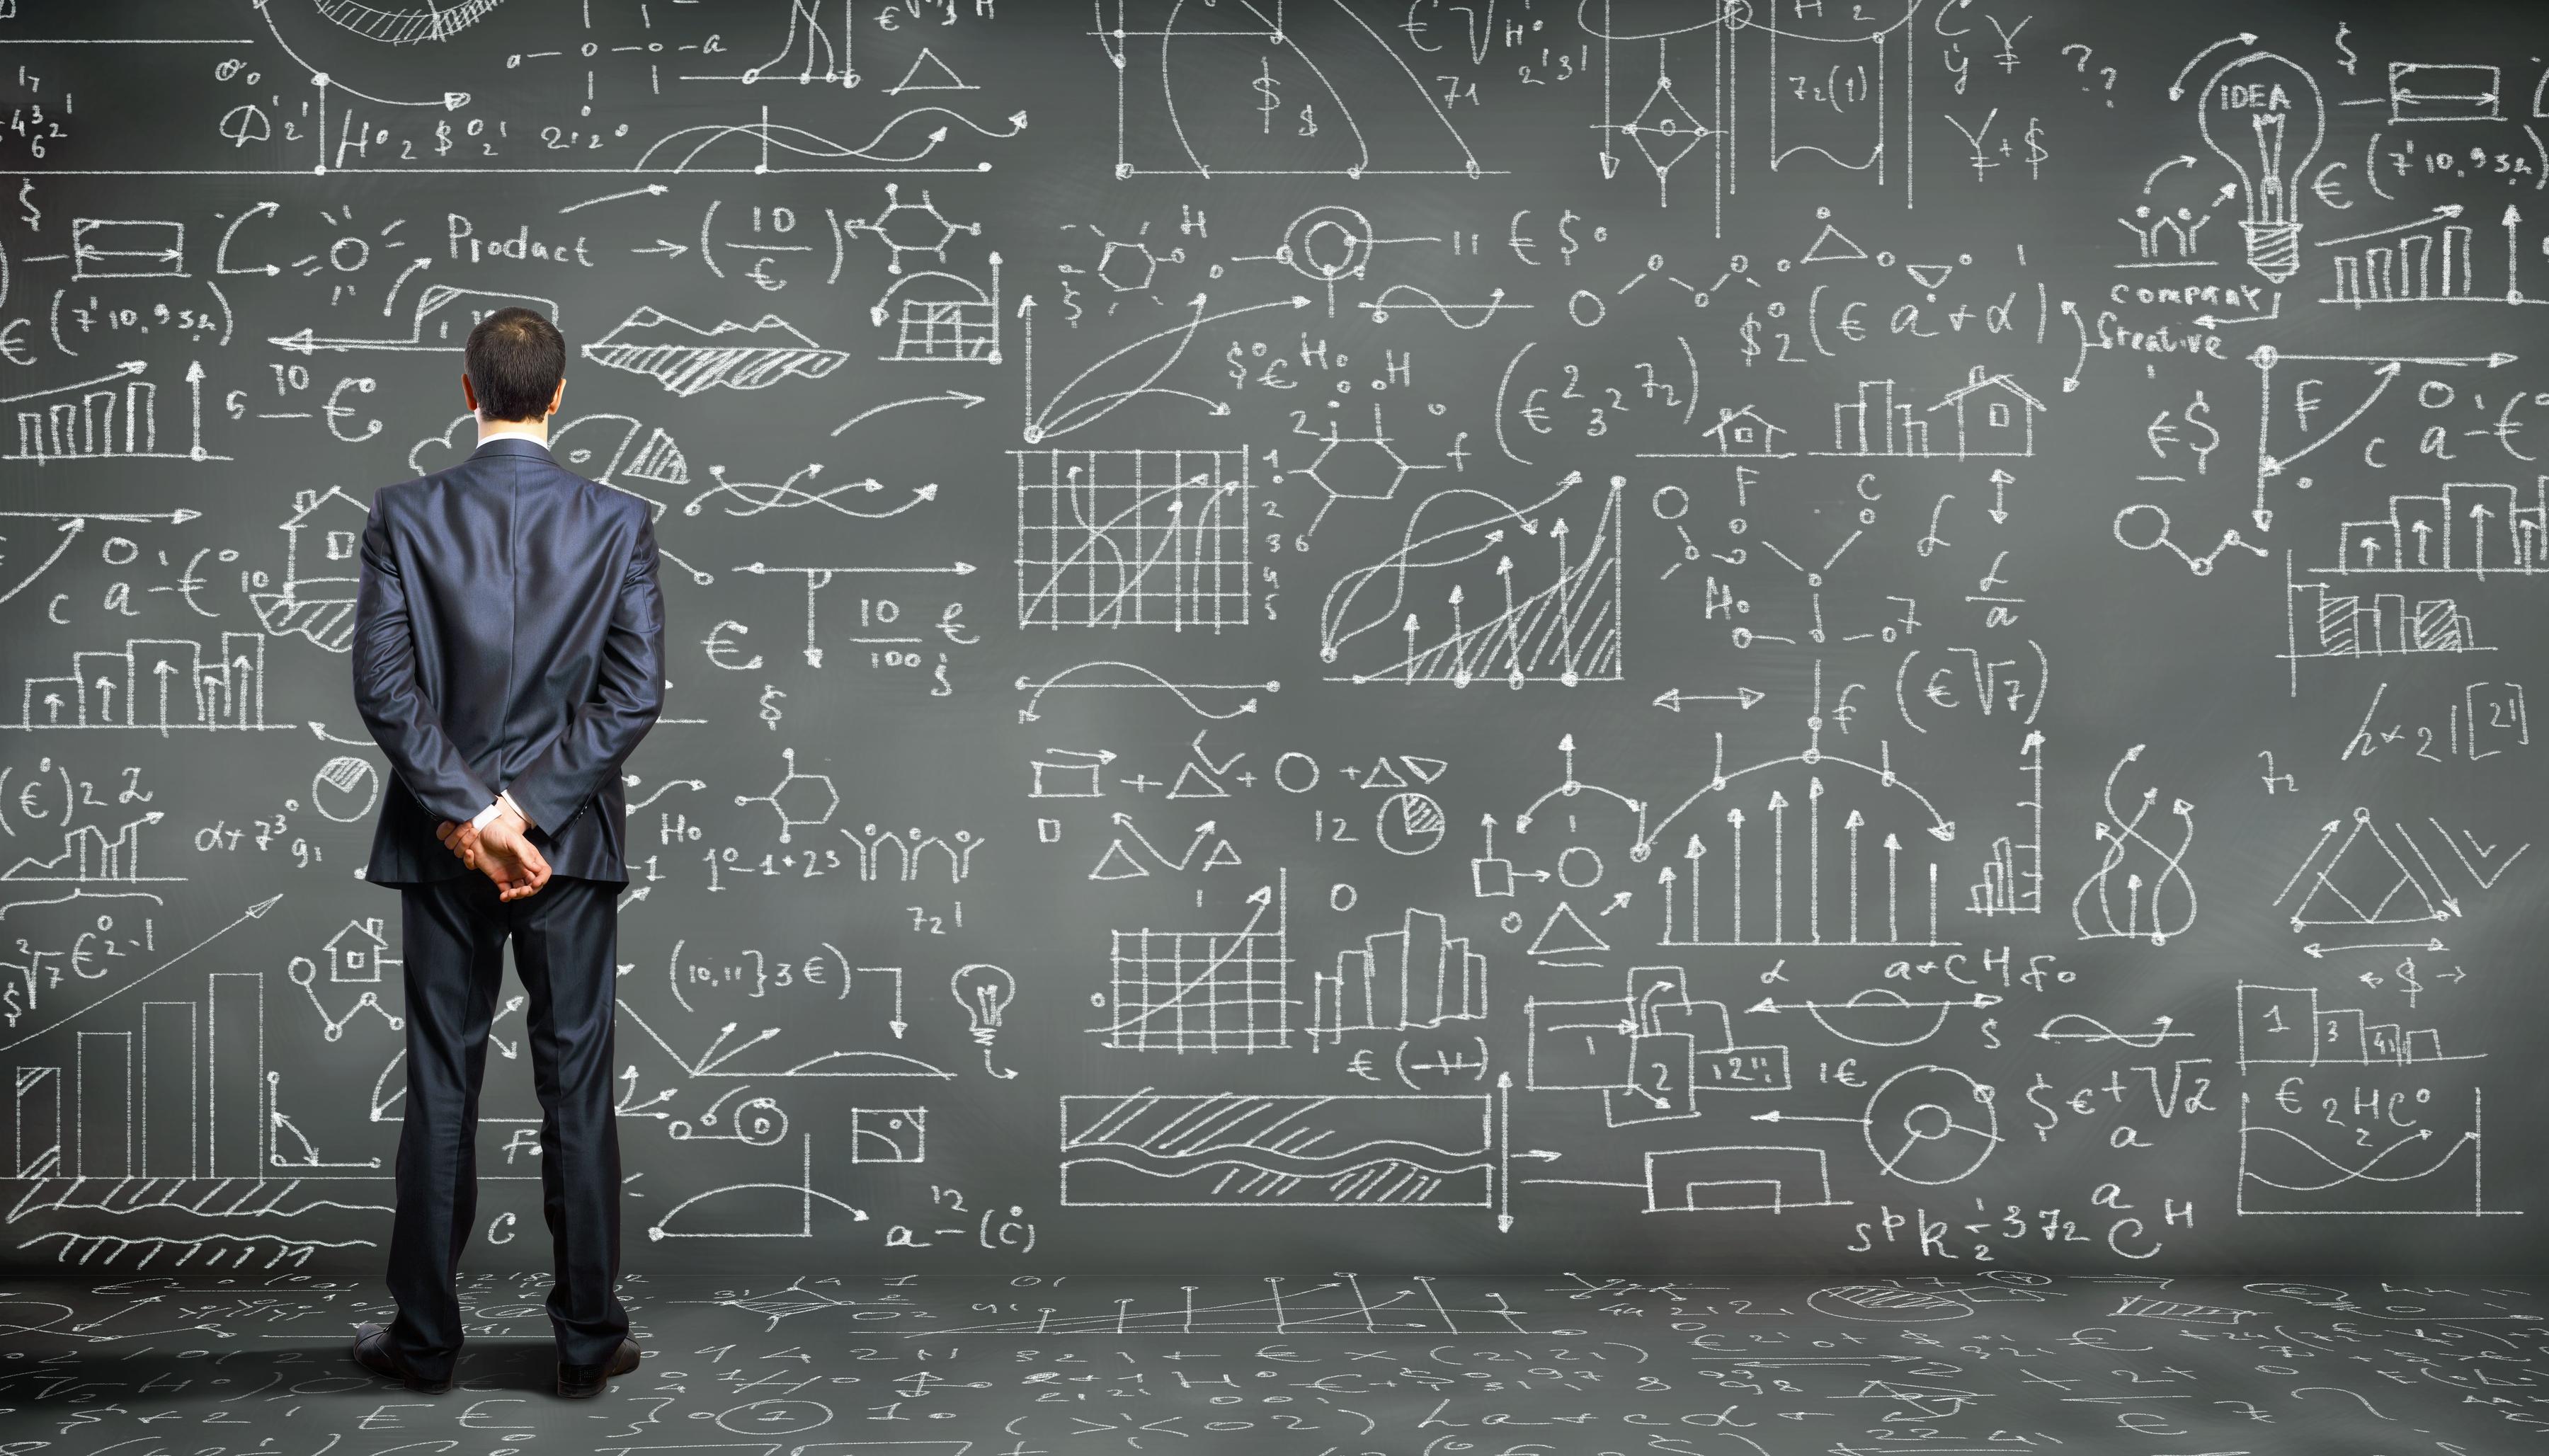 Исследование: более 400 крупных популярных сайтов записывают пользовательские сессии